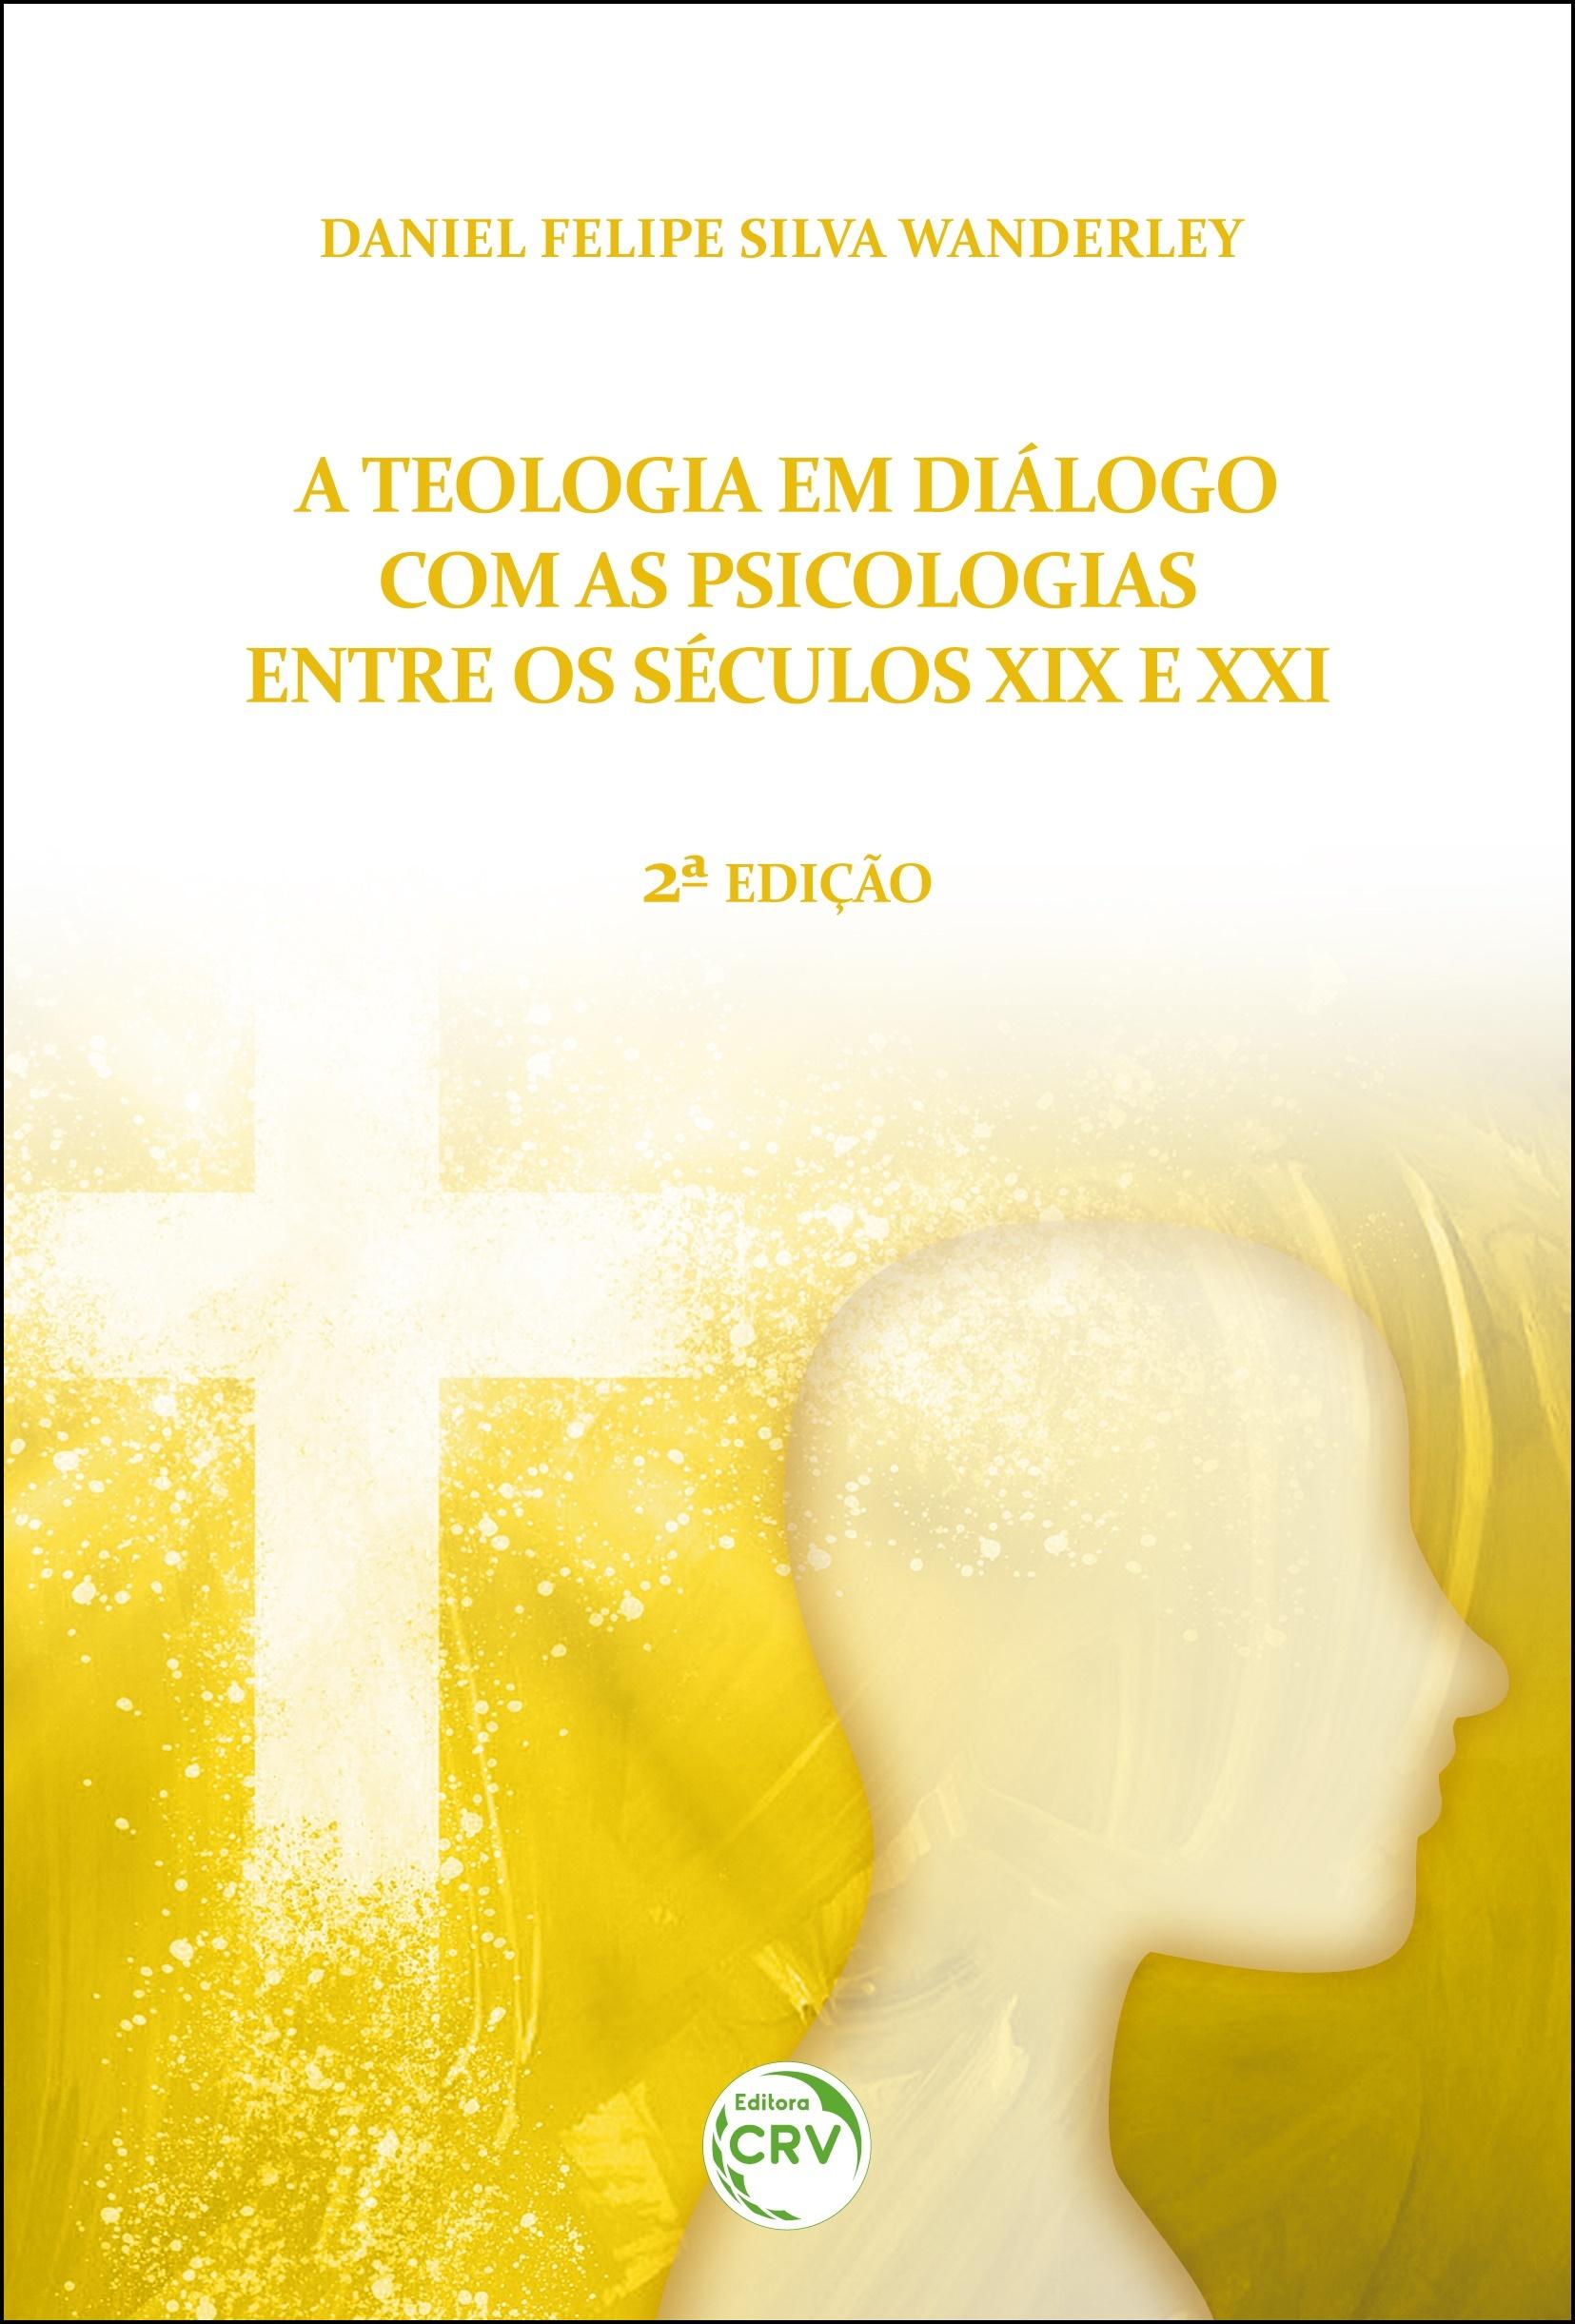 Capa do livro: A TEOLOGIA EM DIÁLOGO COM AS PSICOLOGIAS ENTRE OS SÉCULOS XIX E XXI